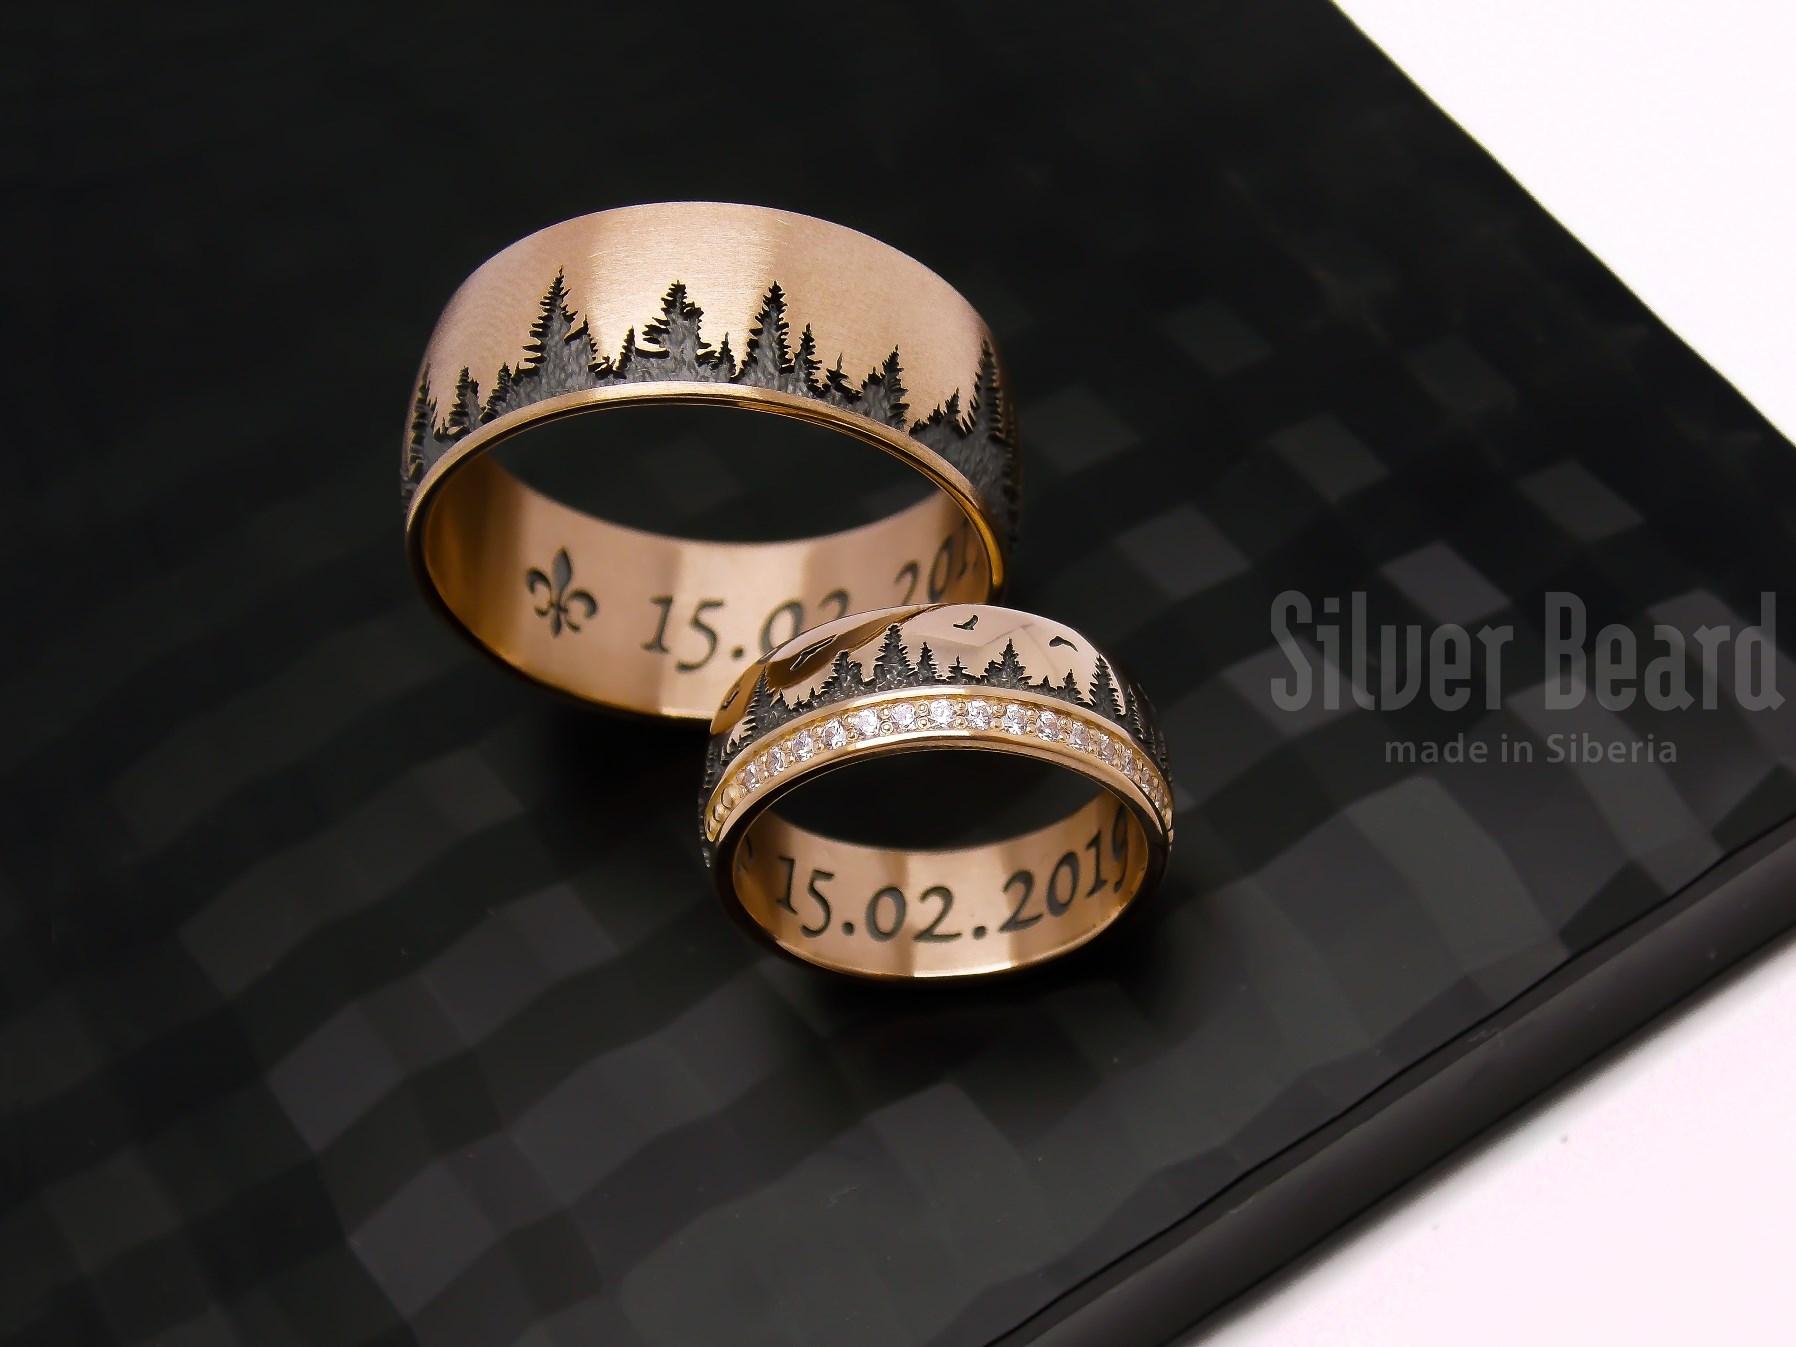 обручальные кольца с изображением леса